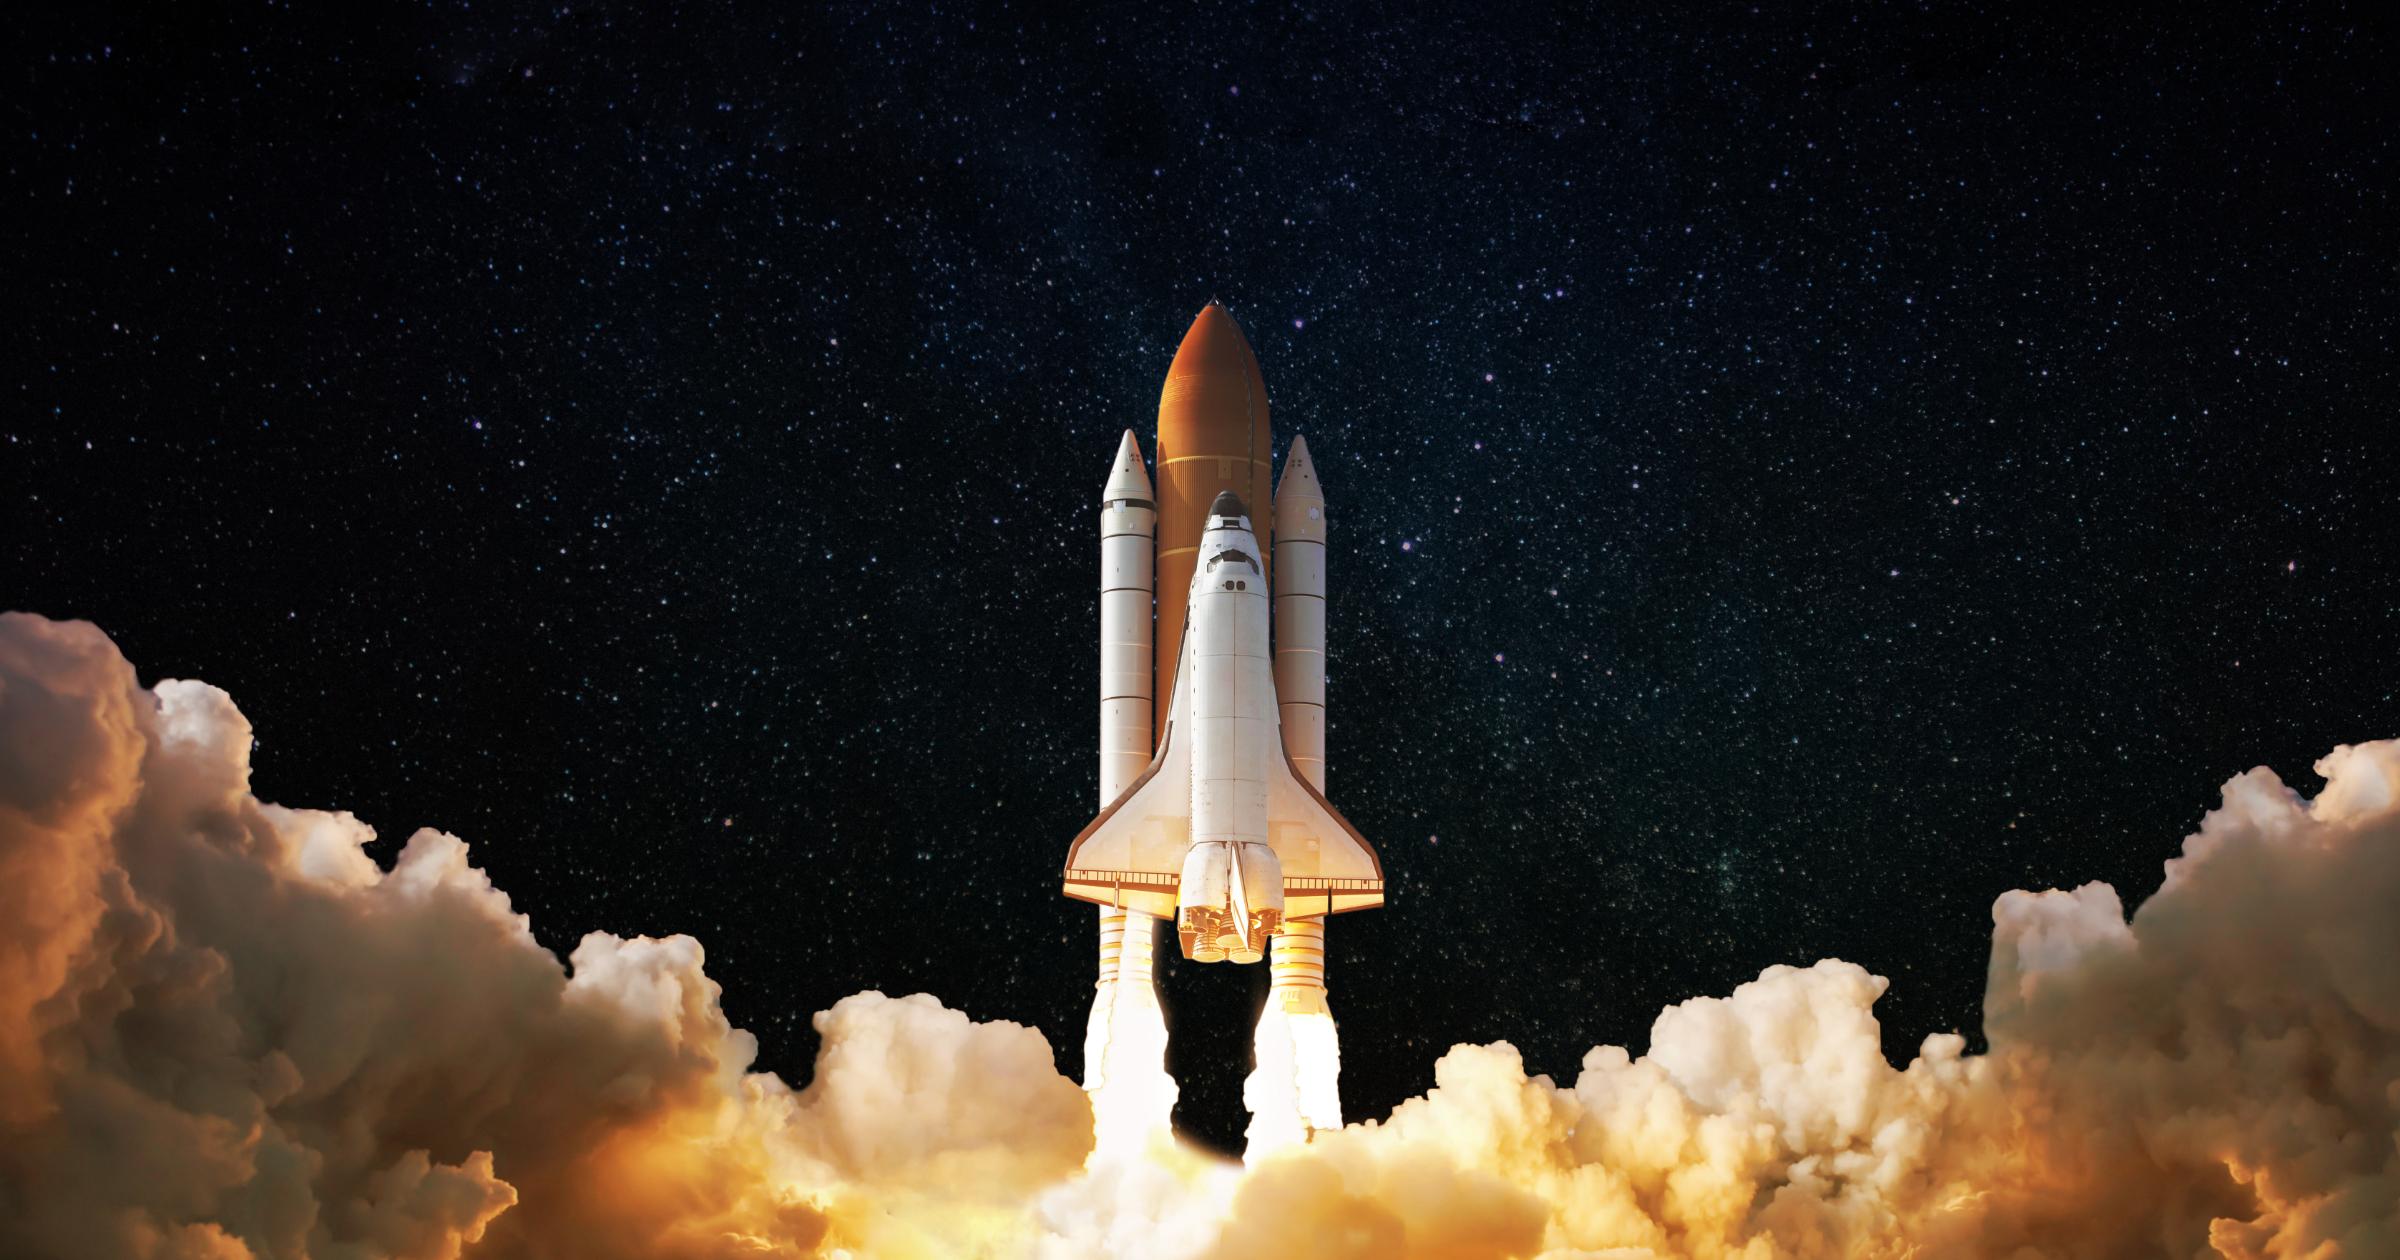 Challenger rocket taking off